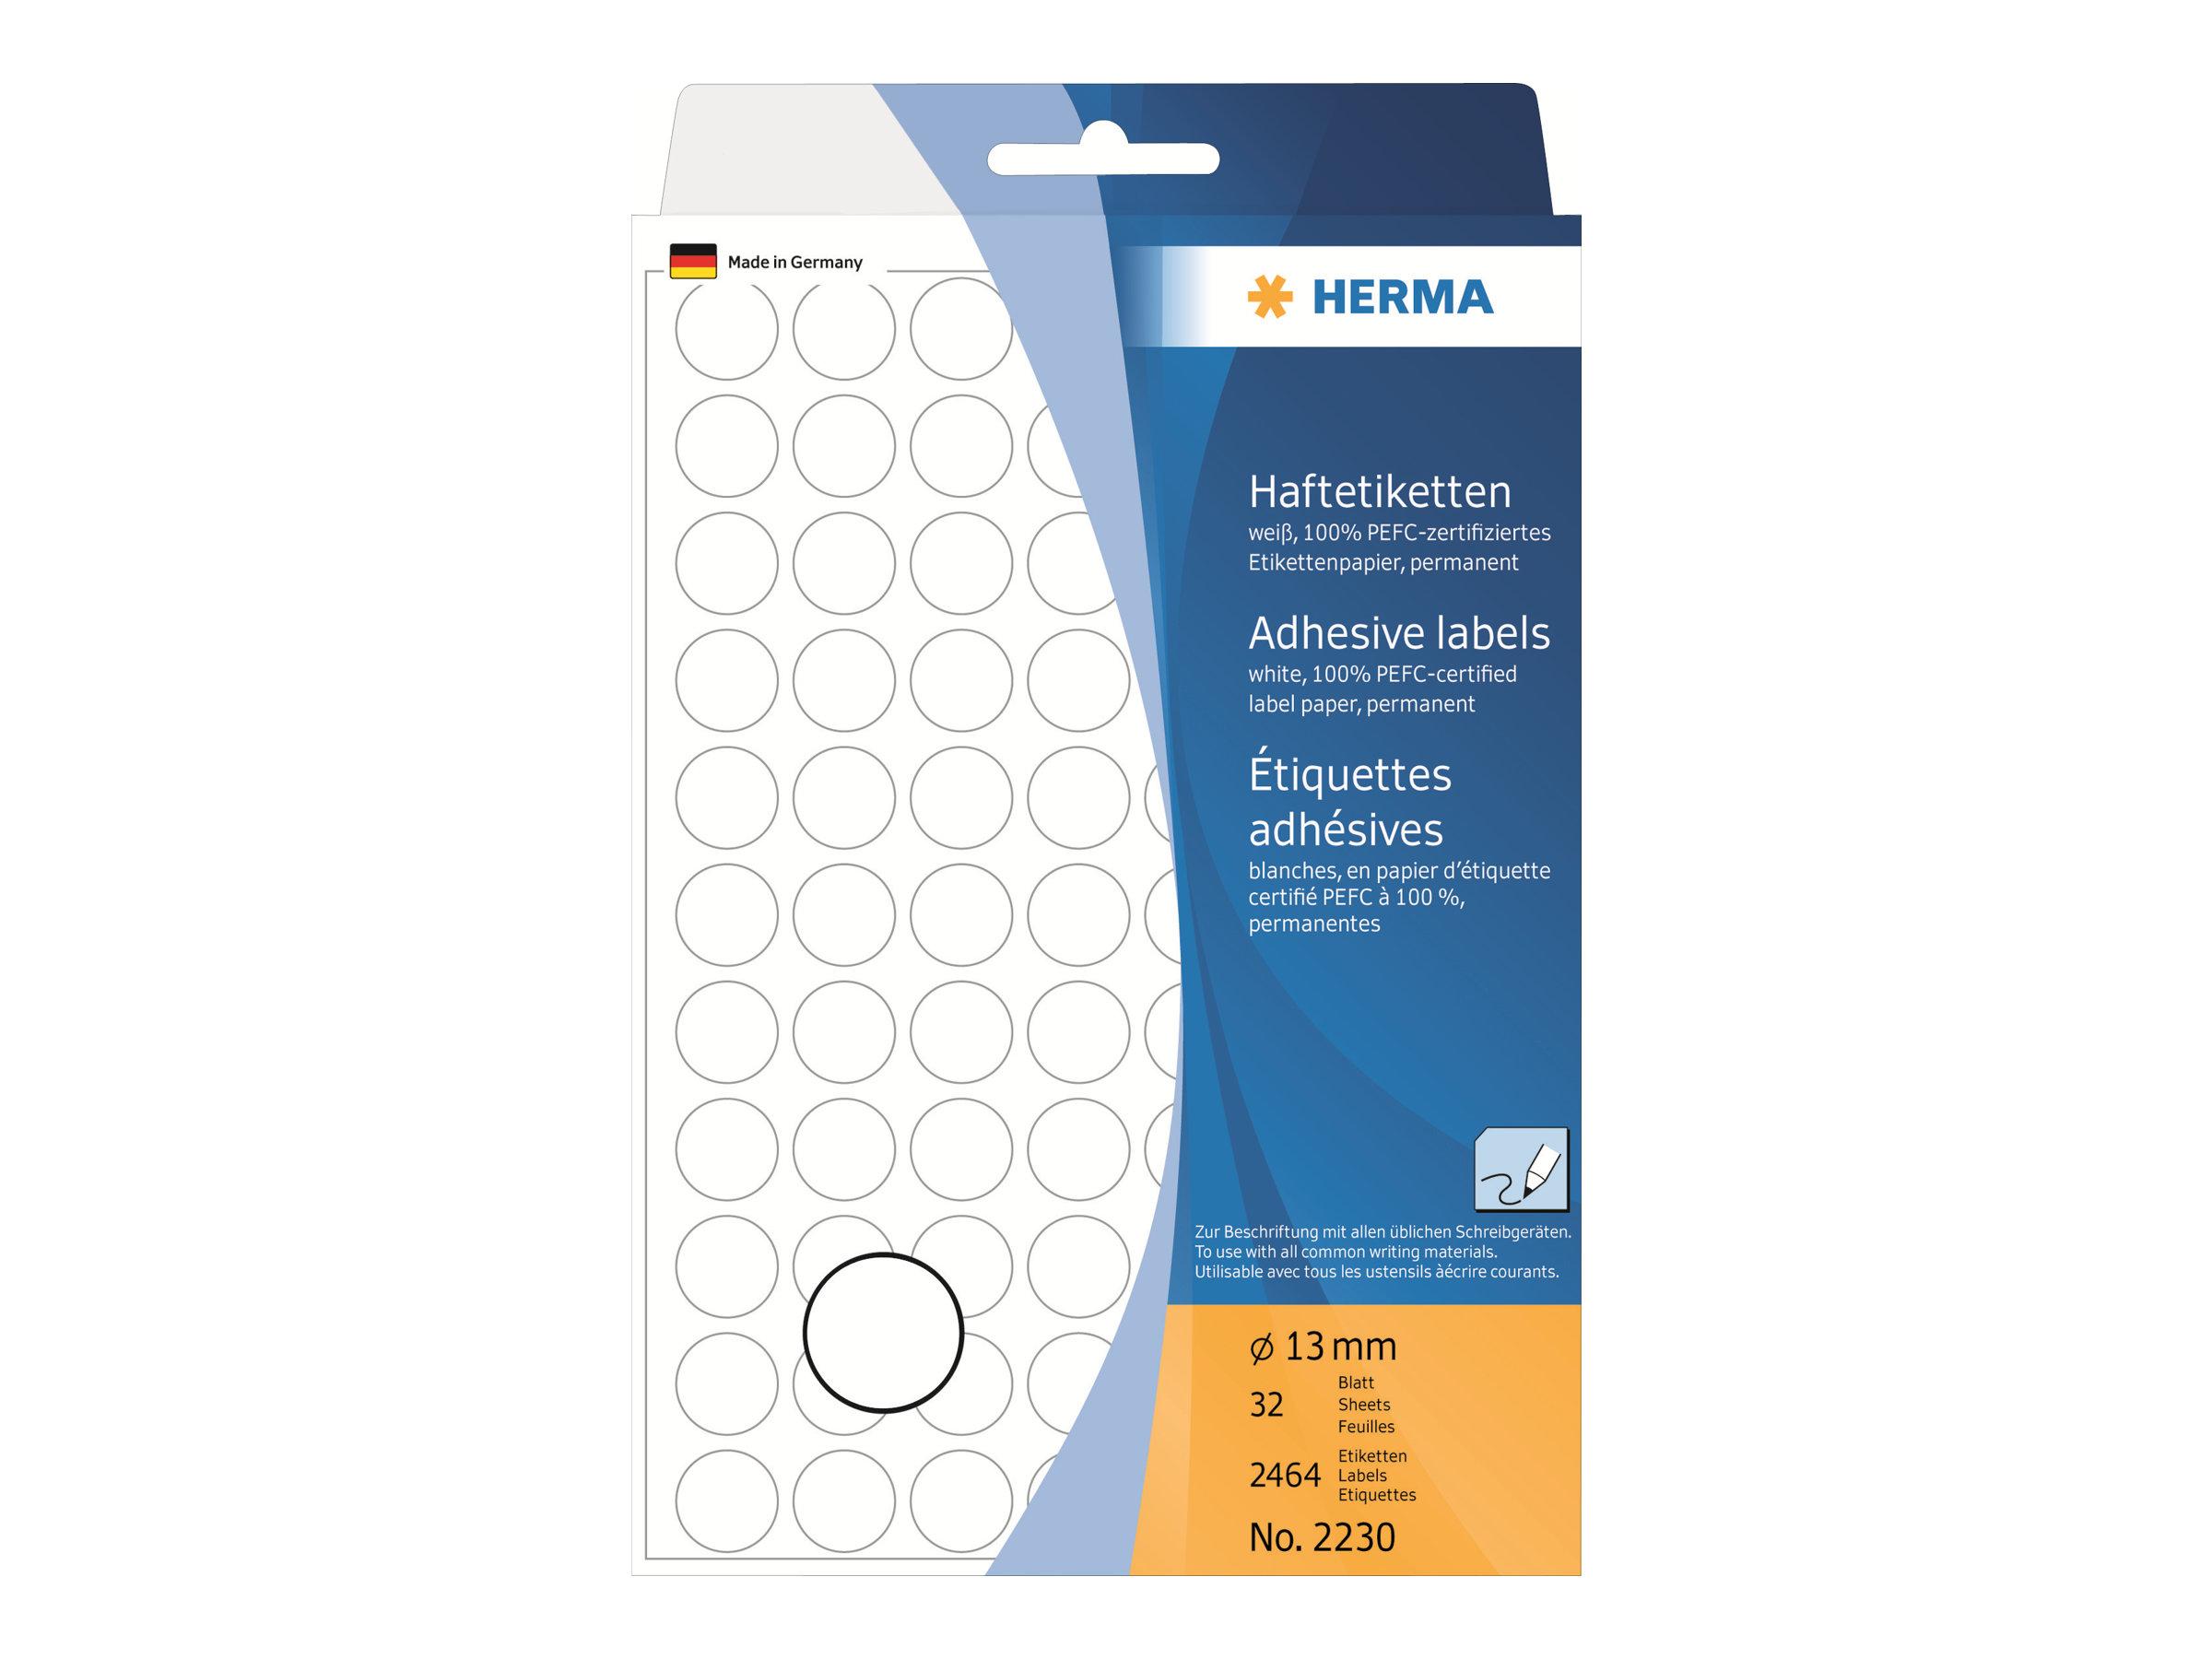 HERMA Papier - permanenter Klebstoff - weiß - 13 mm rund 2464 Etikett(en) (32 Bogen x 77)